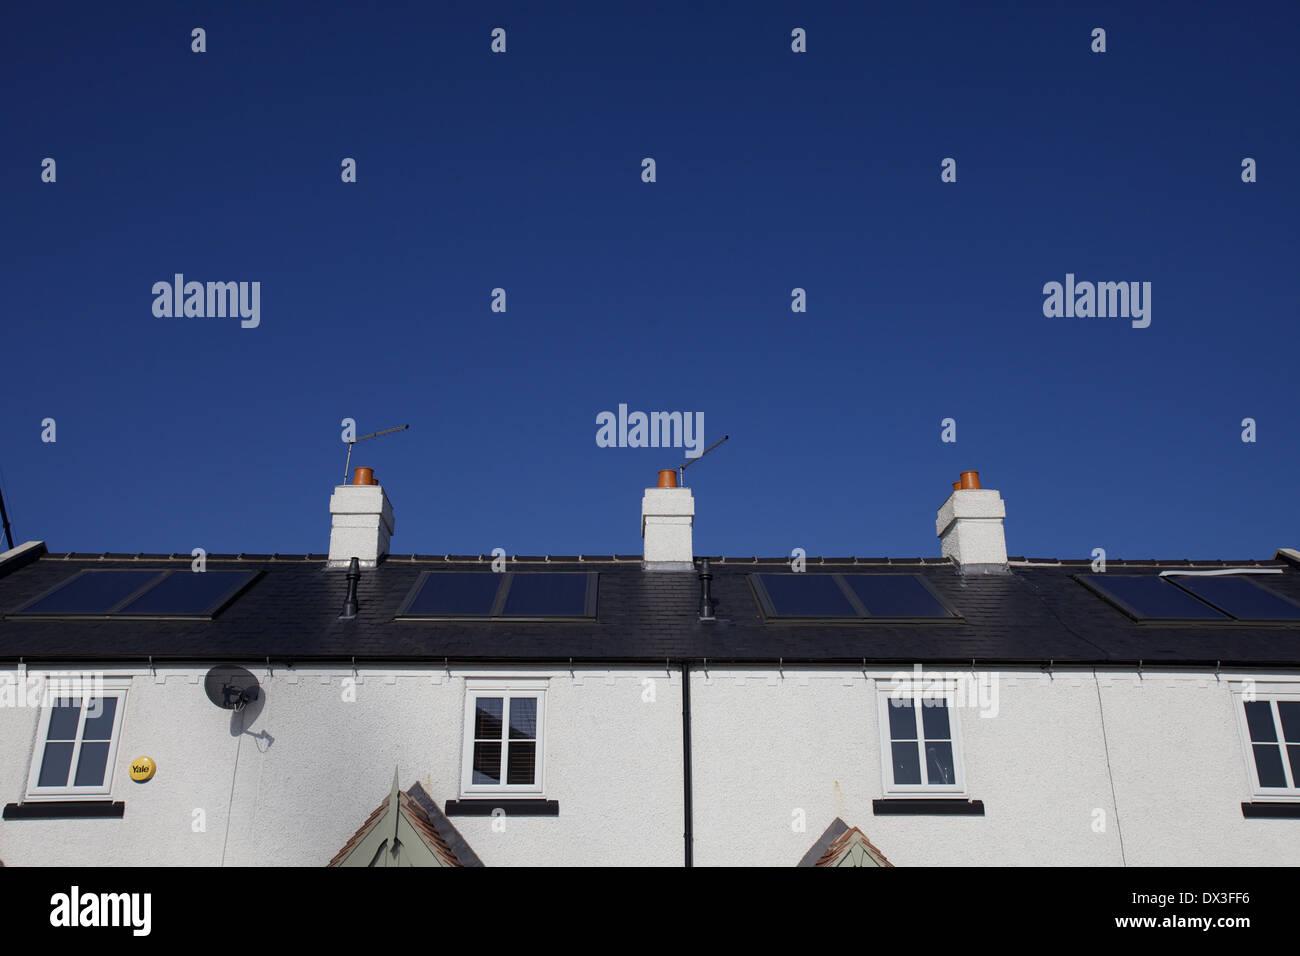 Paneles solares en una hilera de casas adosadas Imagen De Stock